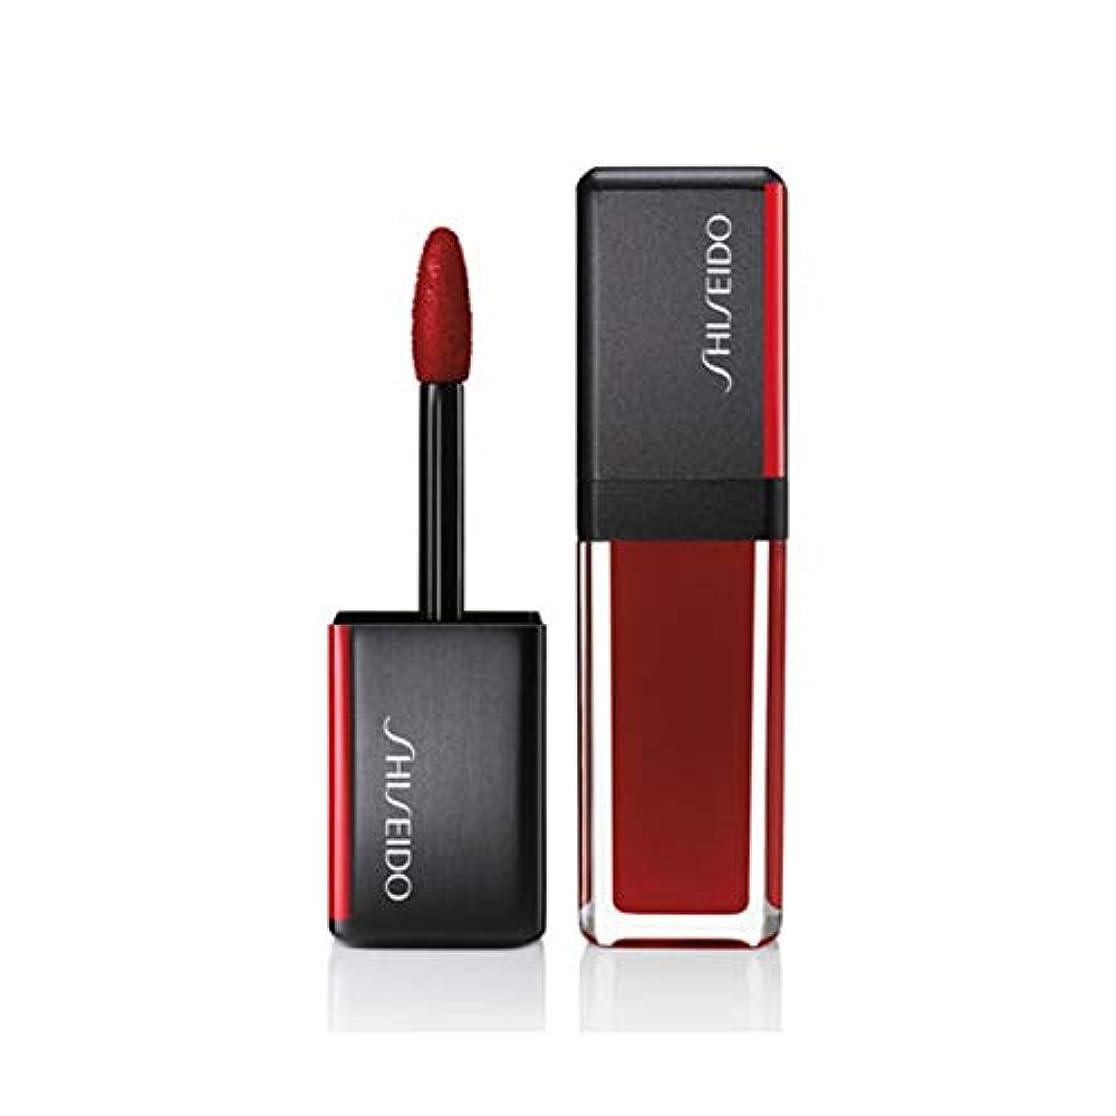 指定する名誉ある幻滅する資生堂 LacquerInk LipShine - # 307 Scarlet Glare (Scarlet) 6ml/0.2oz並行輸入品